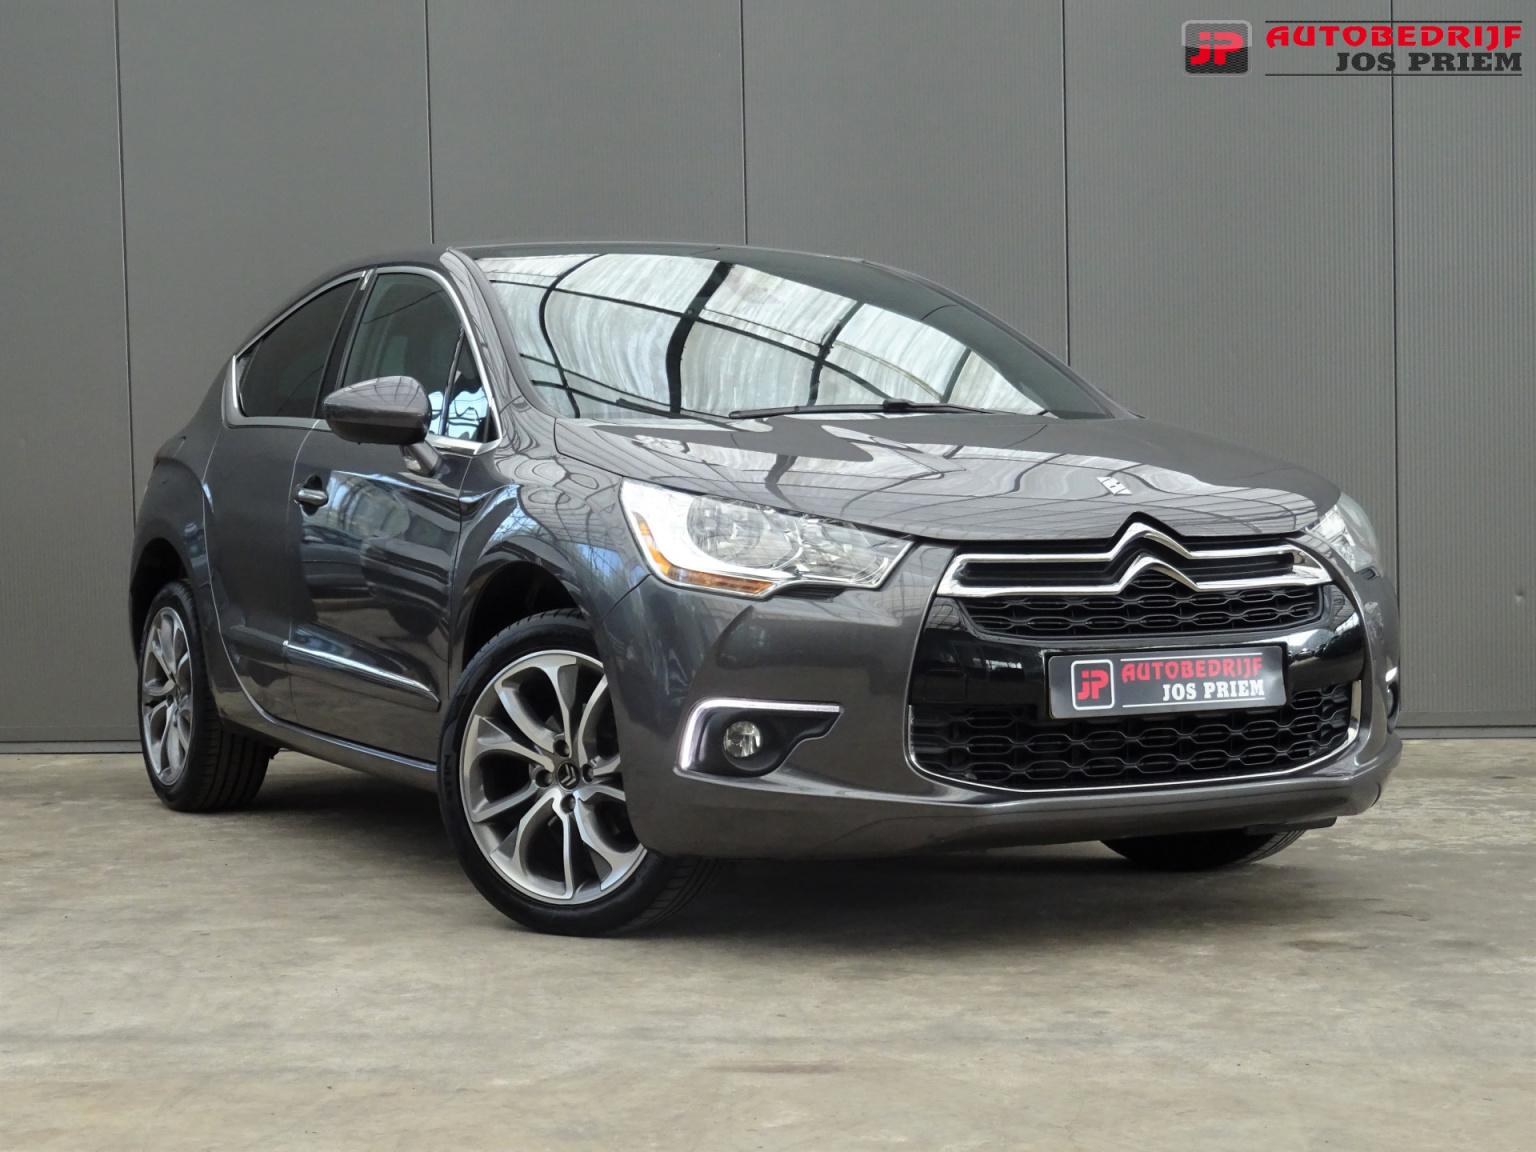 Citroën-DS4-1